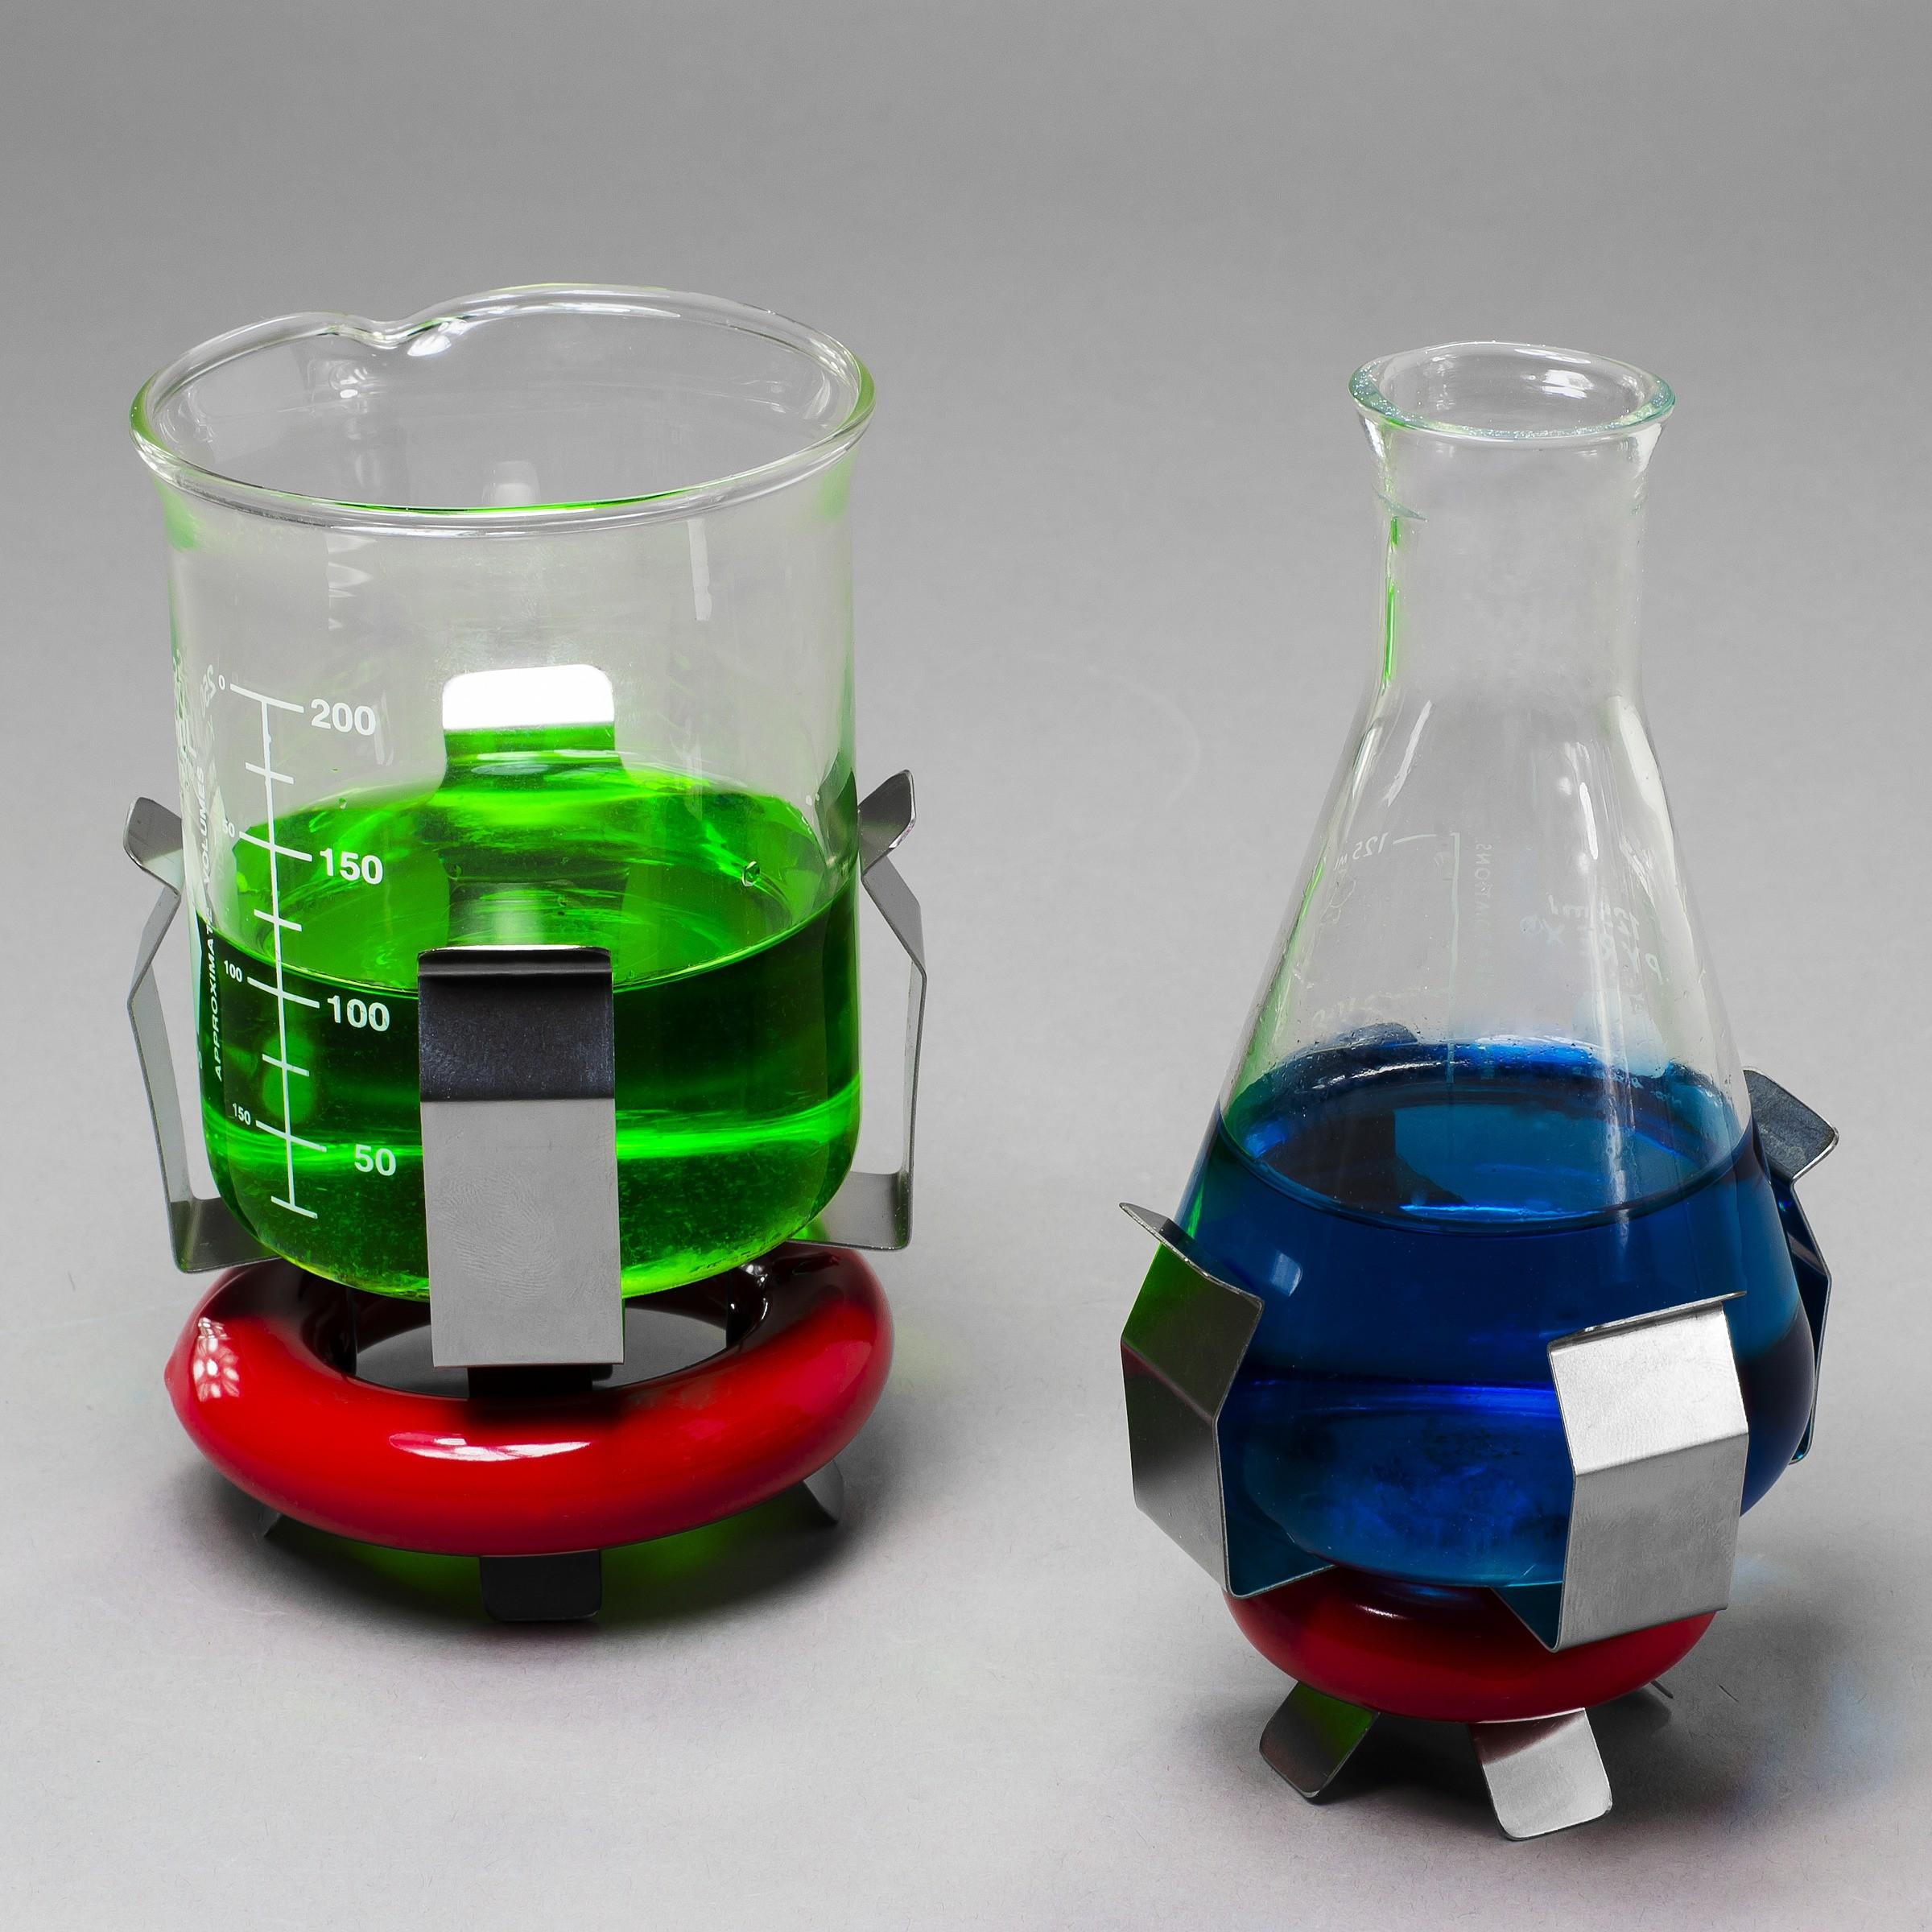 Weighted Beaker/Flask Holders with Vikem Vinyl Coating